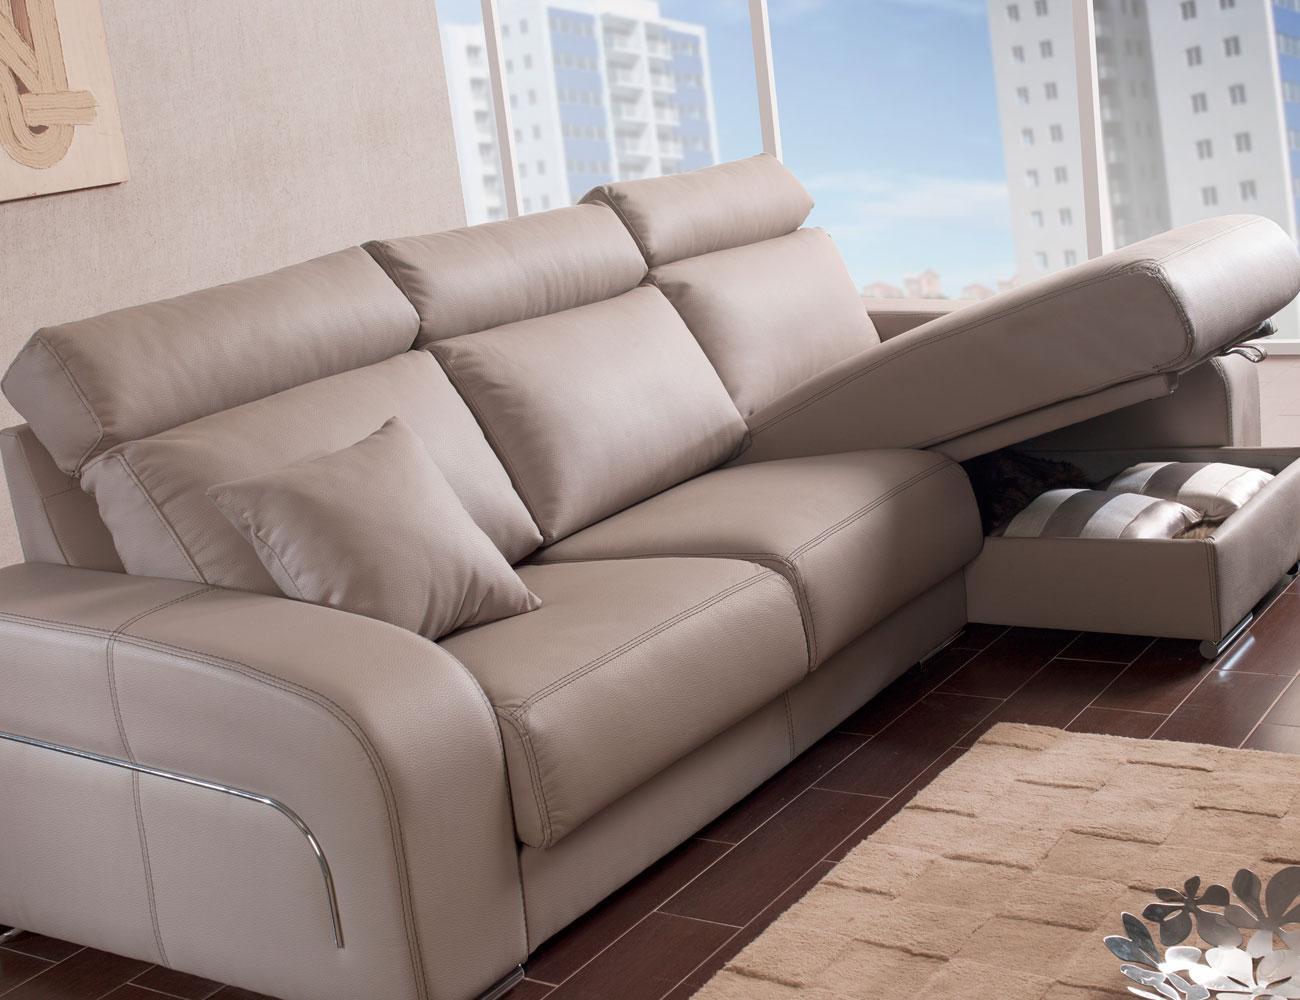 Sofa chaiselongue moderno pared cero arcon37